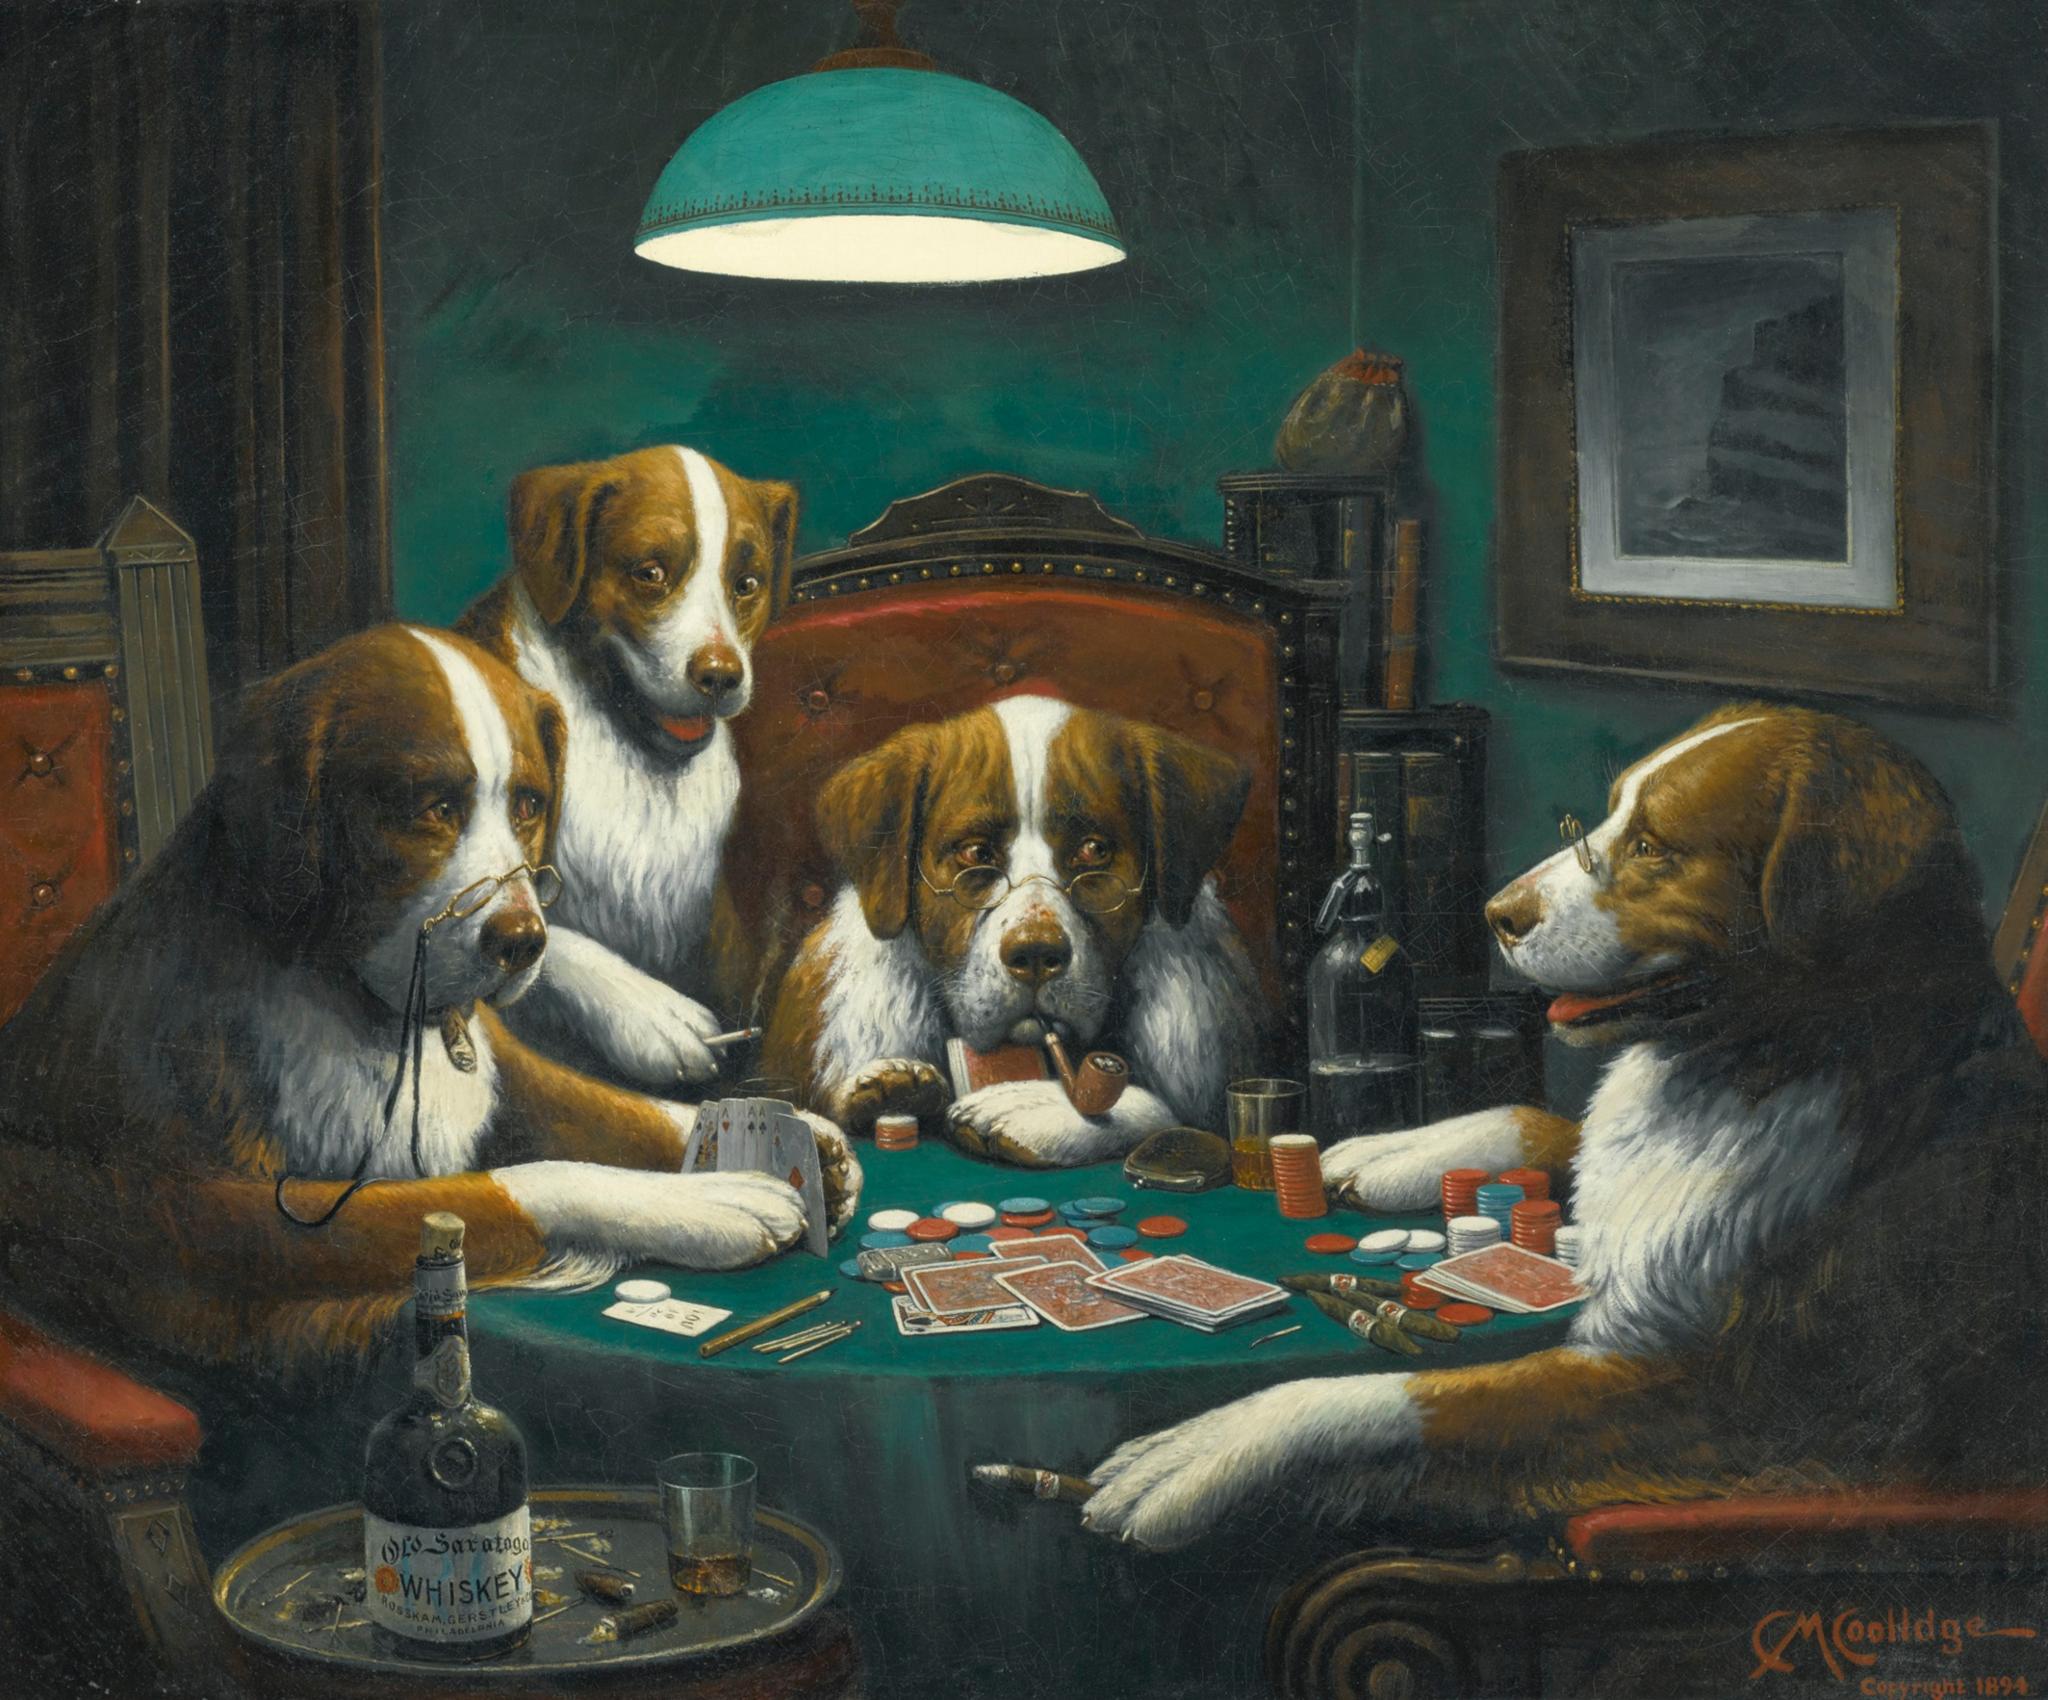 Sorte de cão